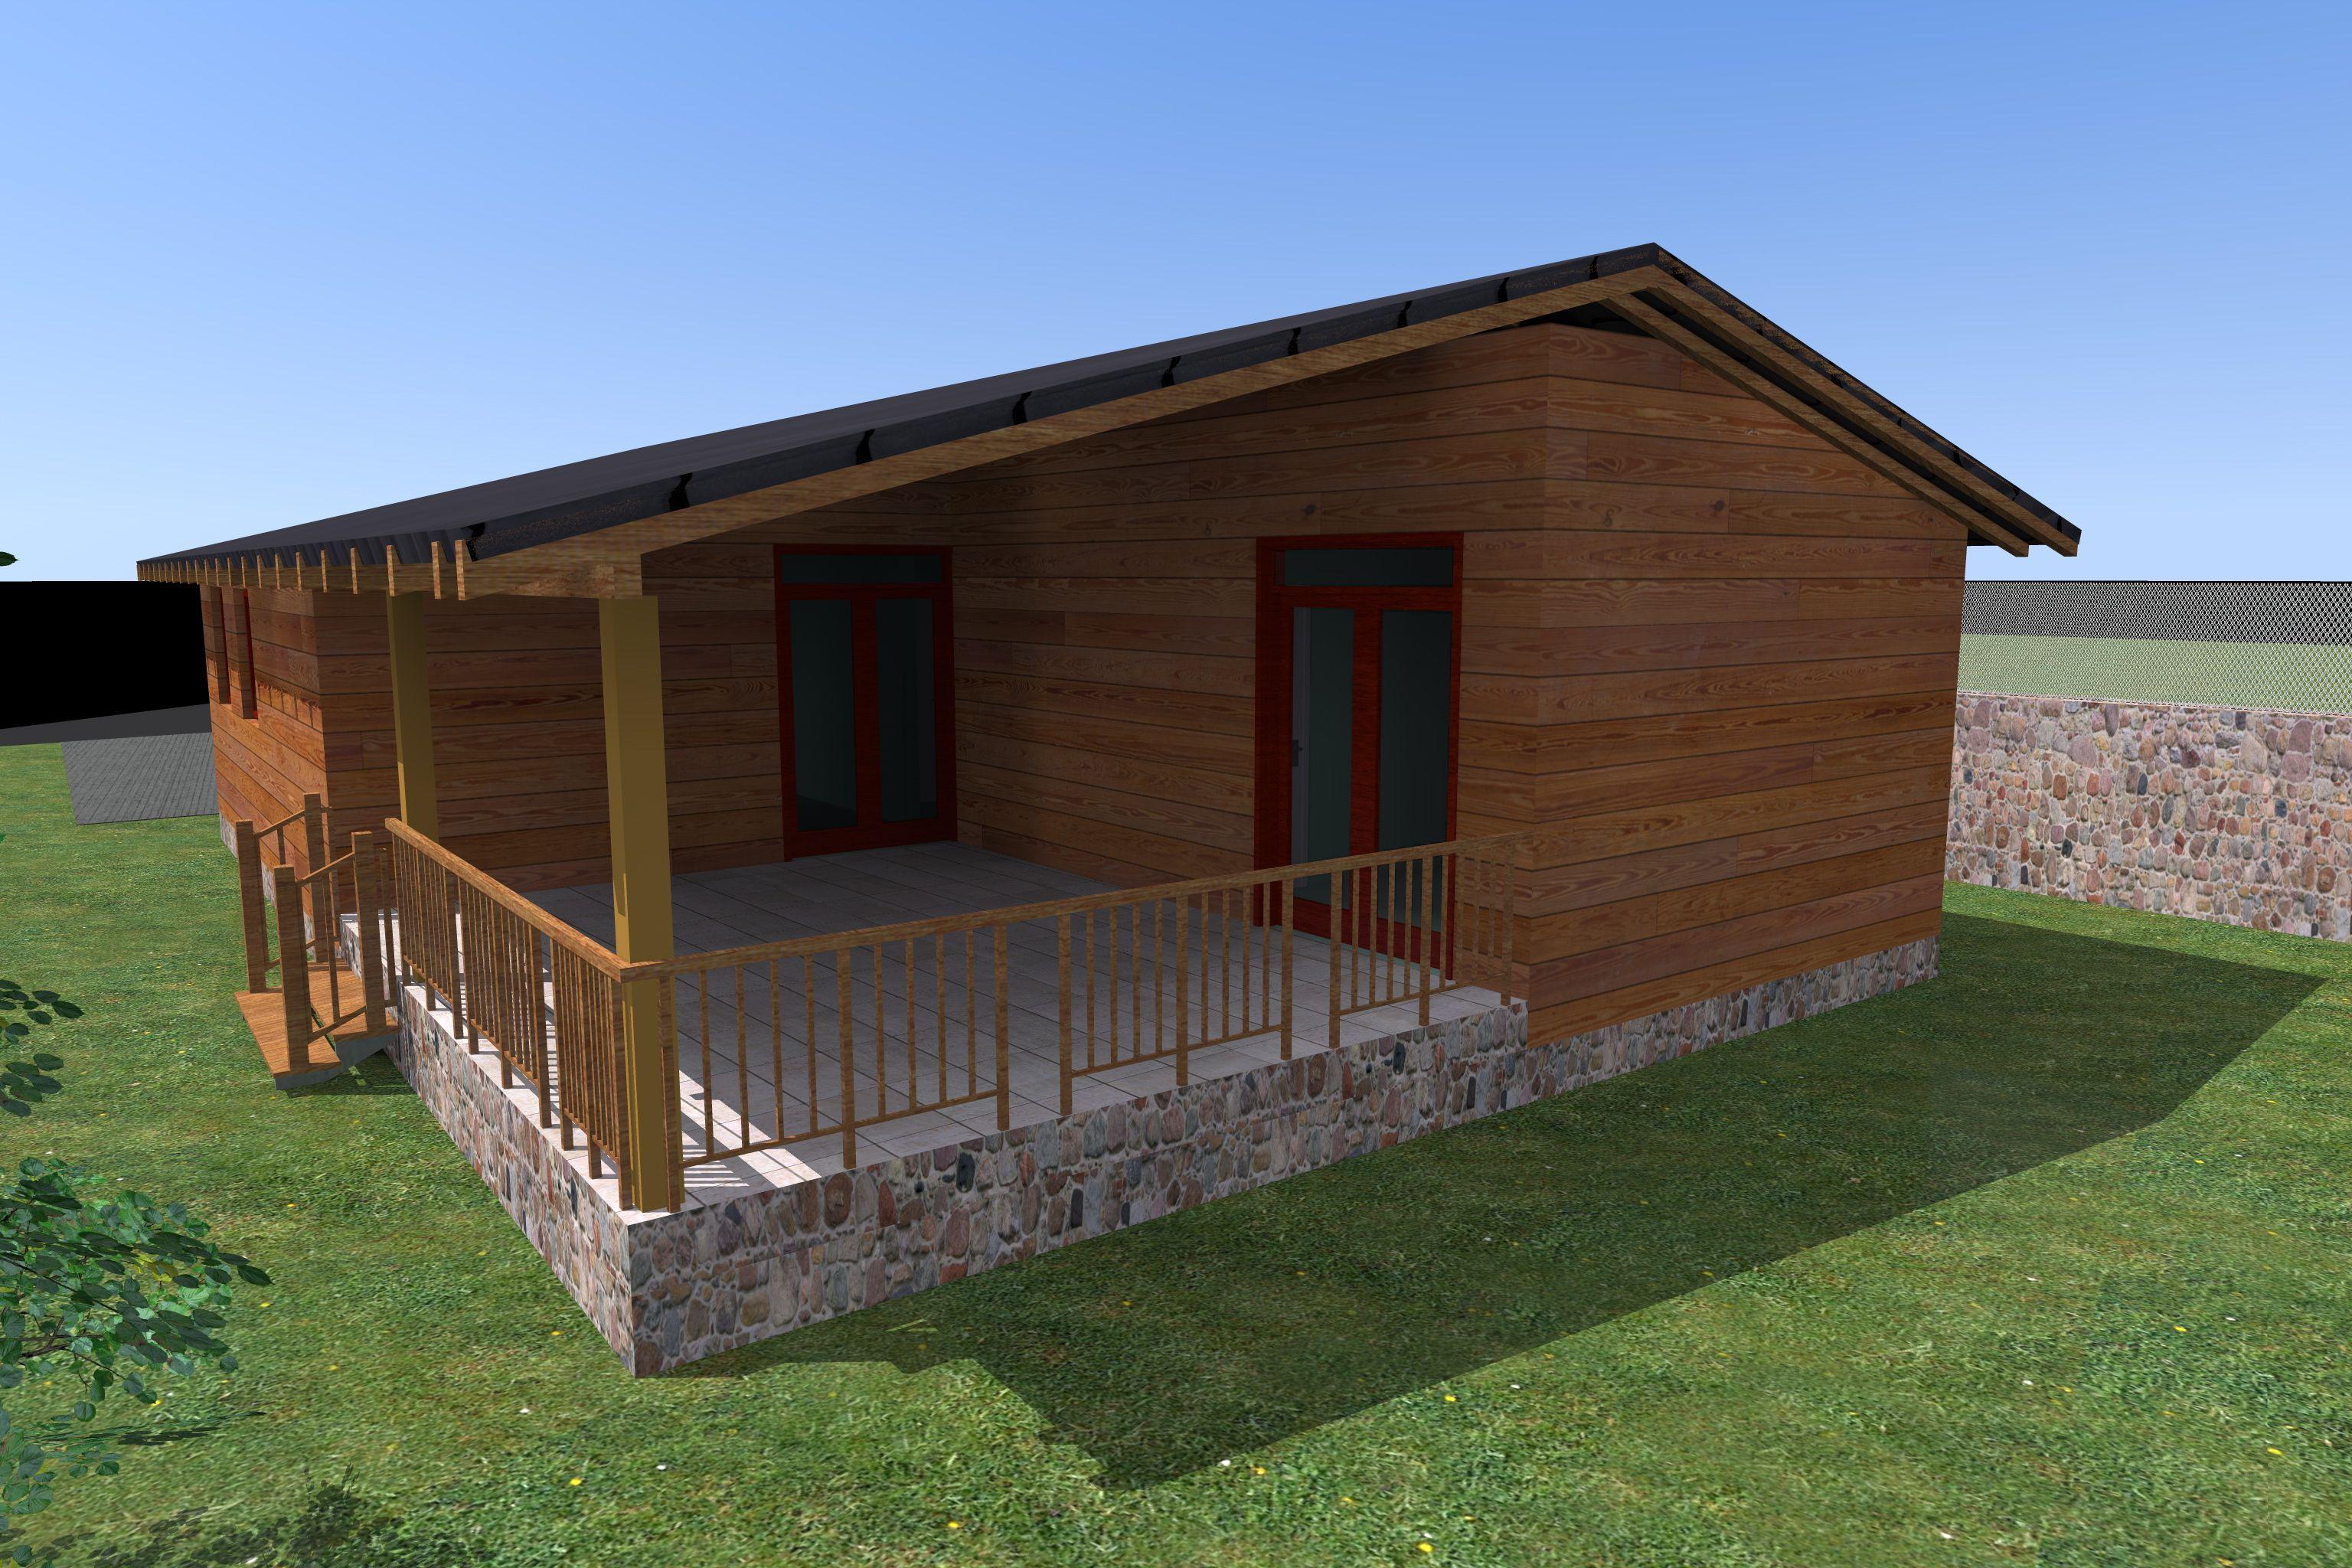 Casas prefabricadas en pontevedra casas prefabricadas - Casas prefabricadas alcorcon ...